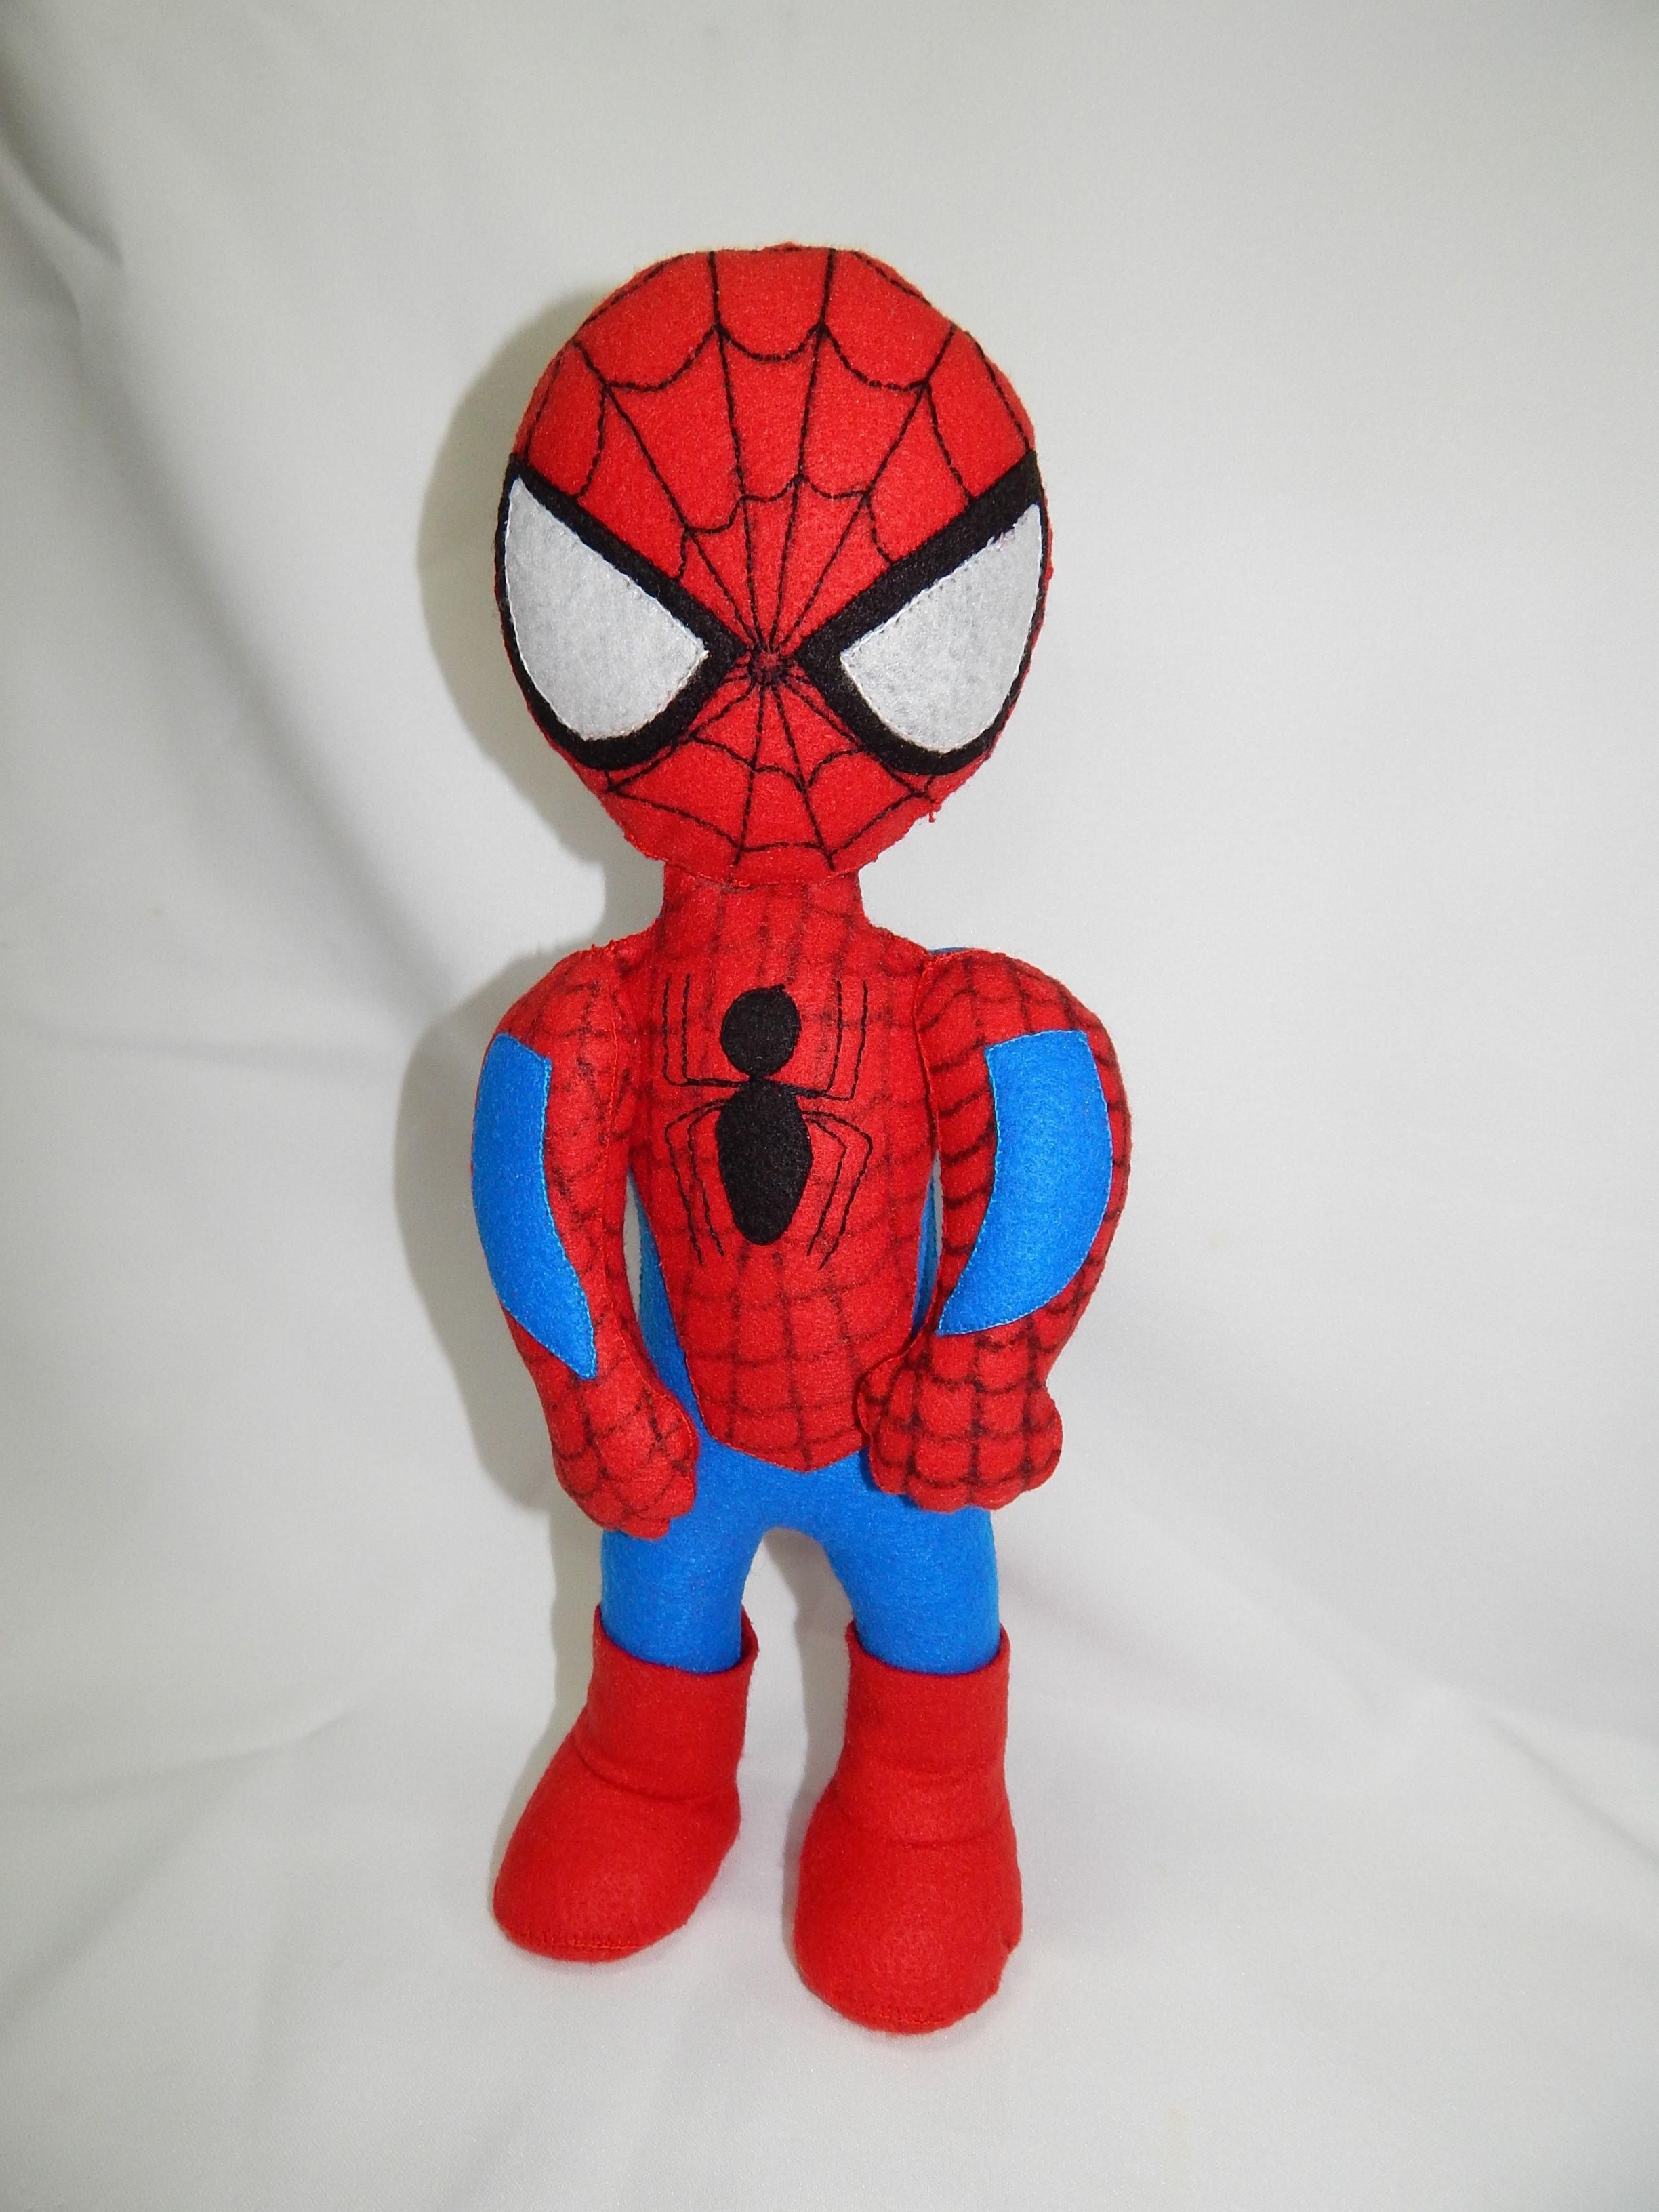 Homem-Aranha Feltro - 35 cent. de altura.